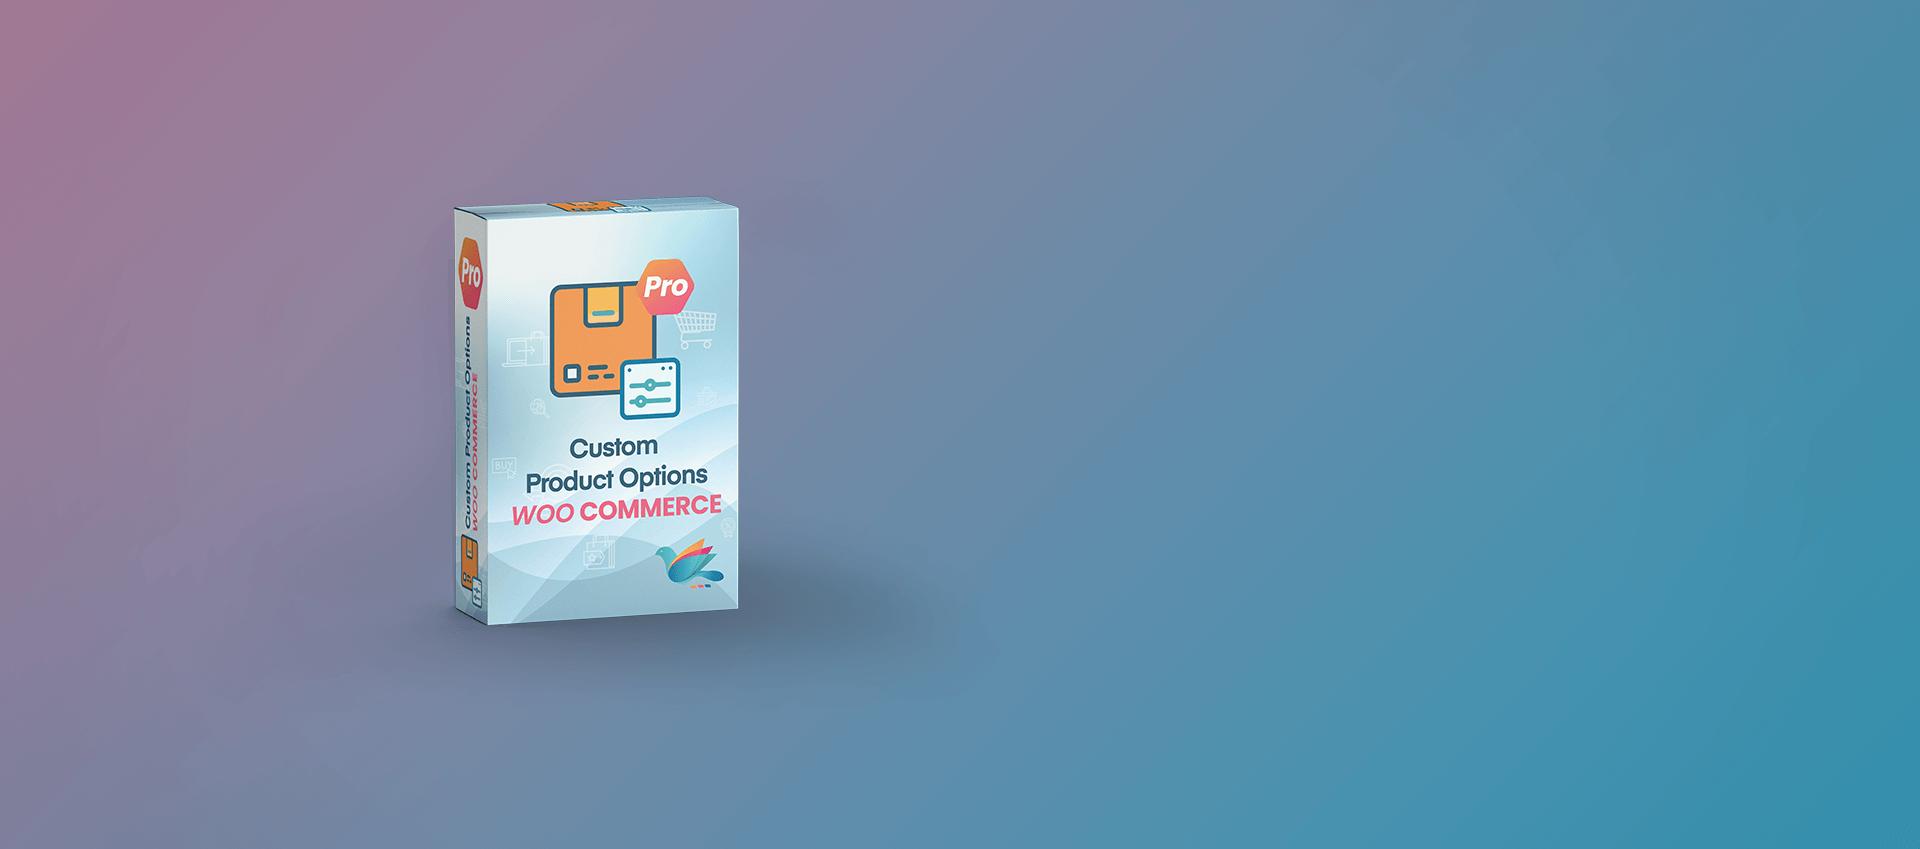 Custom Product Options WooCommerce Pro